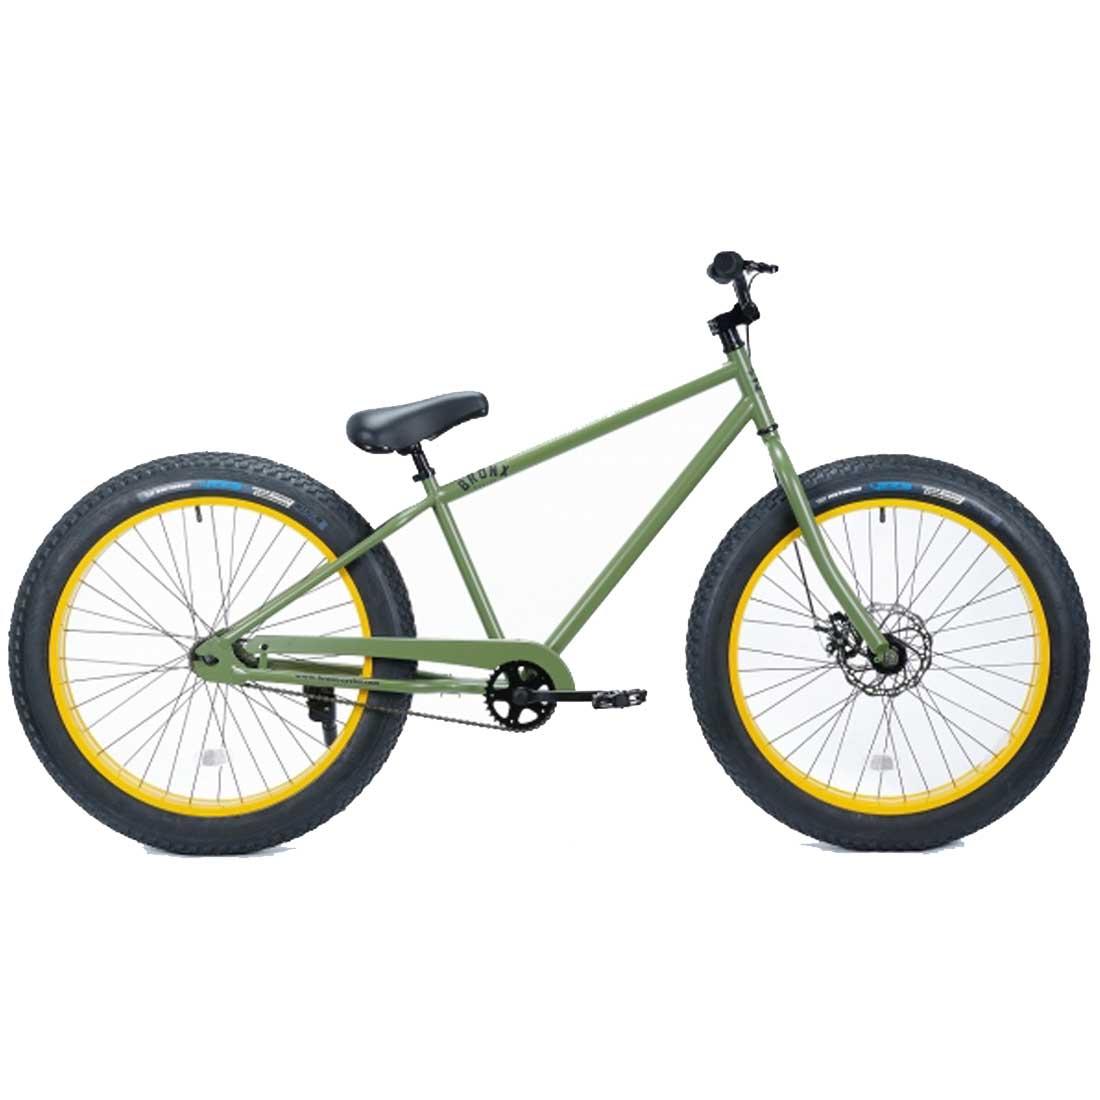 ファットバイク 26インチ 極太タイヤ おしゃれ 自転車 通勤 通学 ブロンクスファットバイク 26BRONX-4.0 アーミーグリーン×イエローリム メンズ レディース